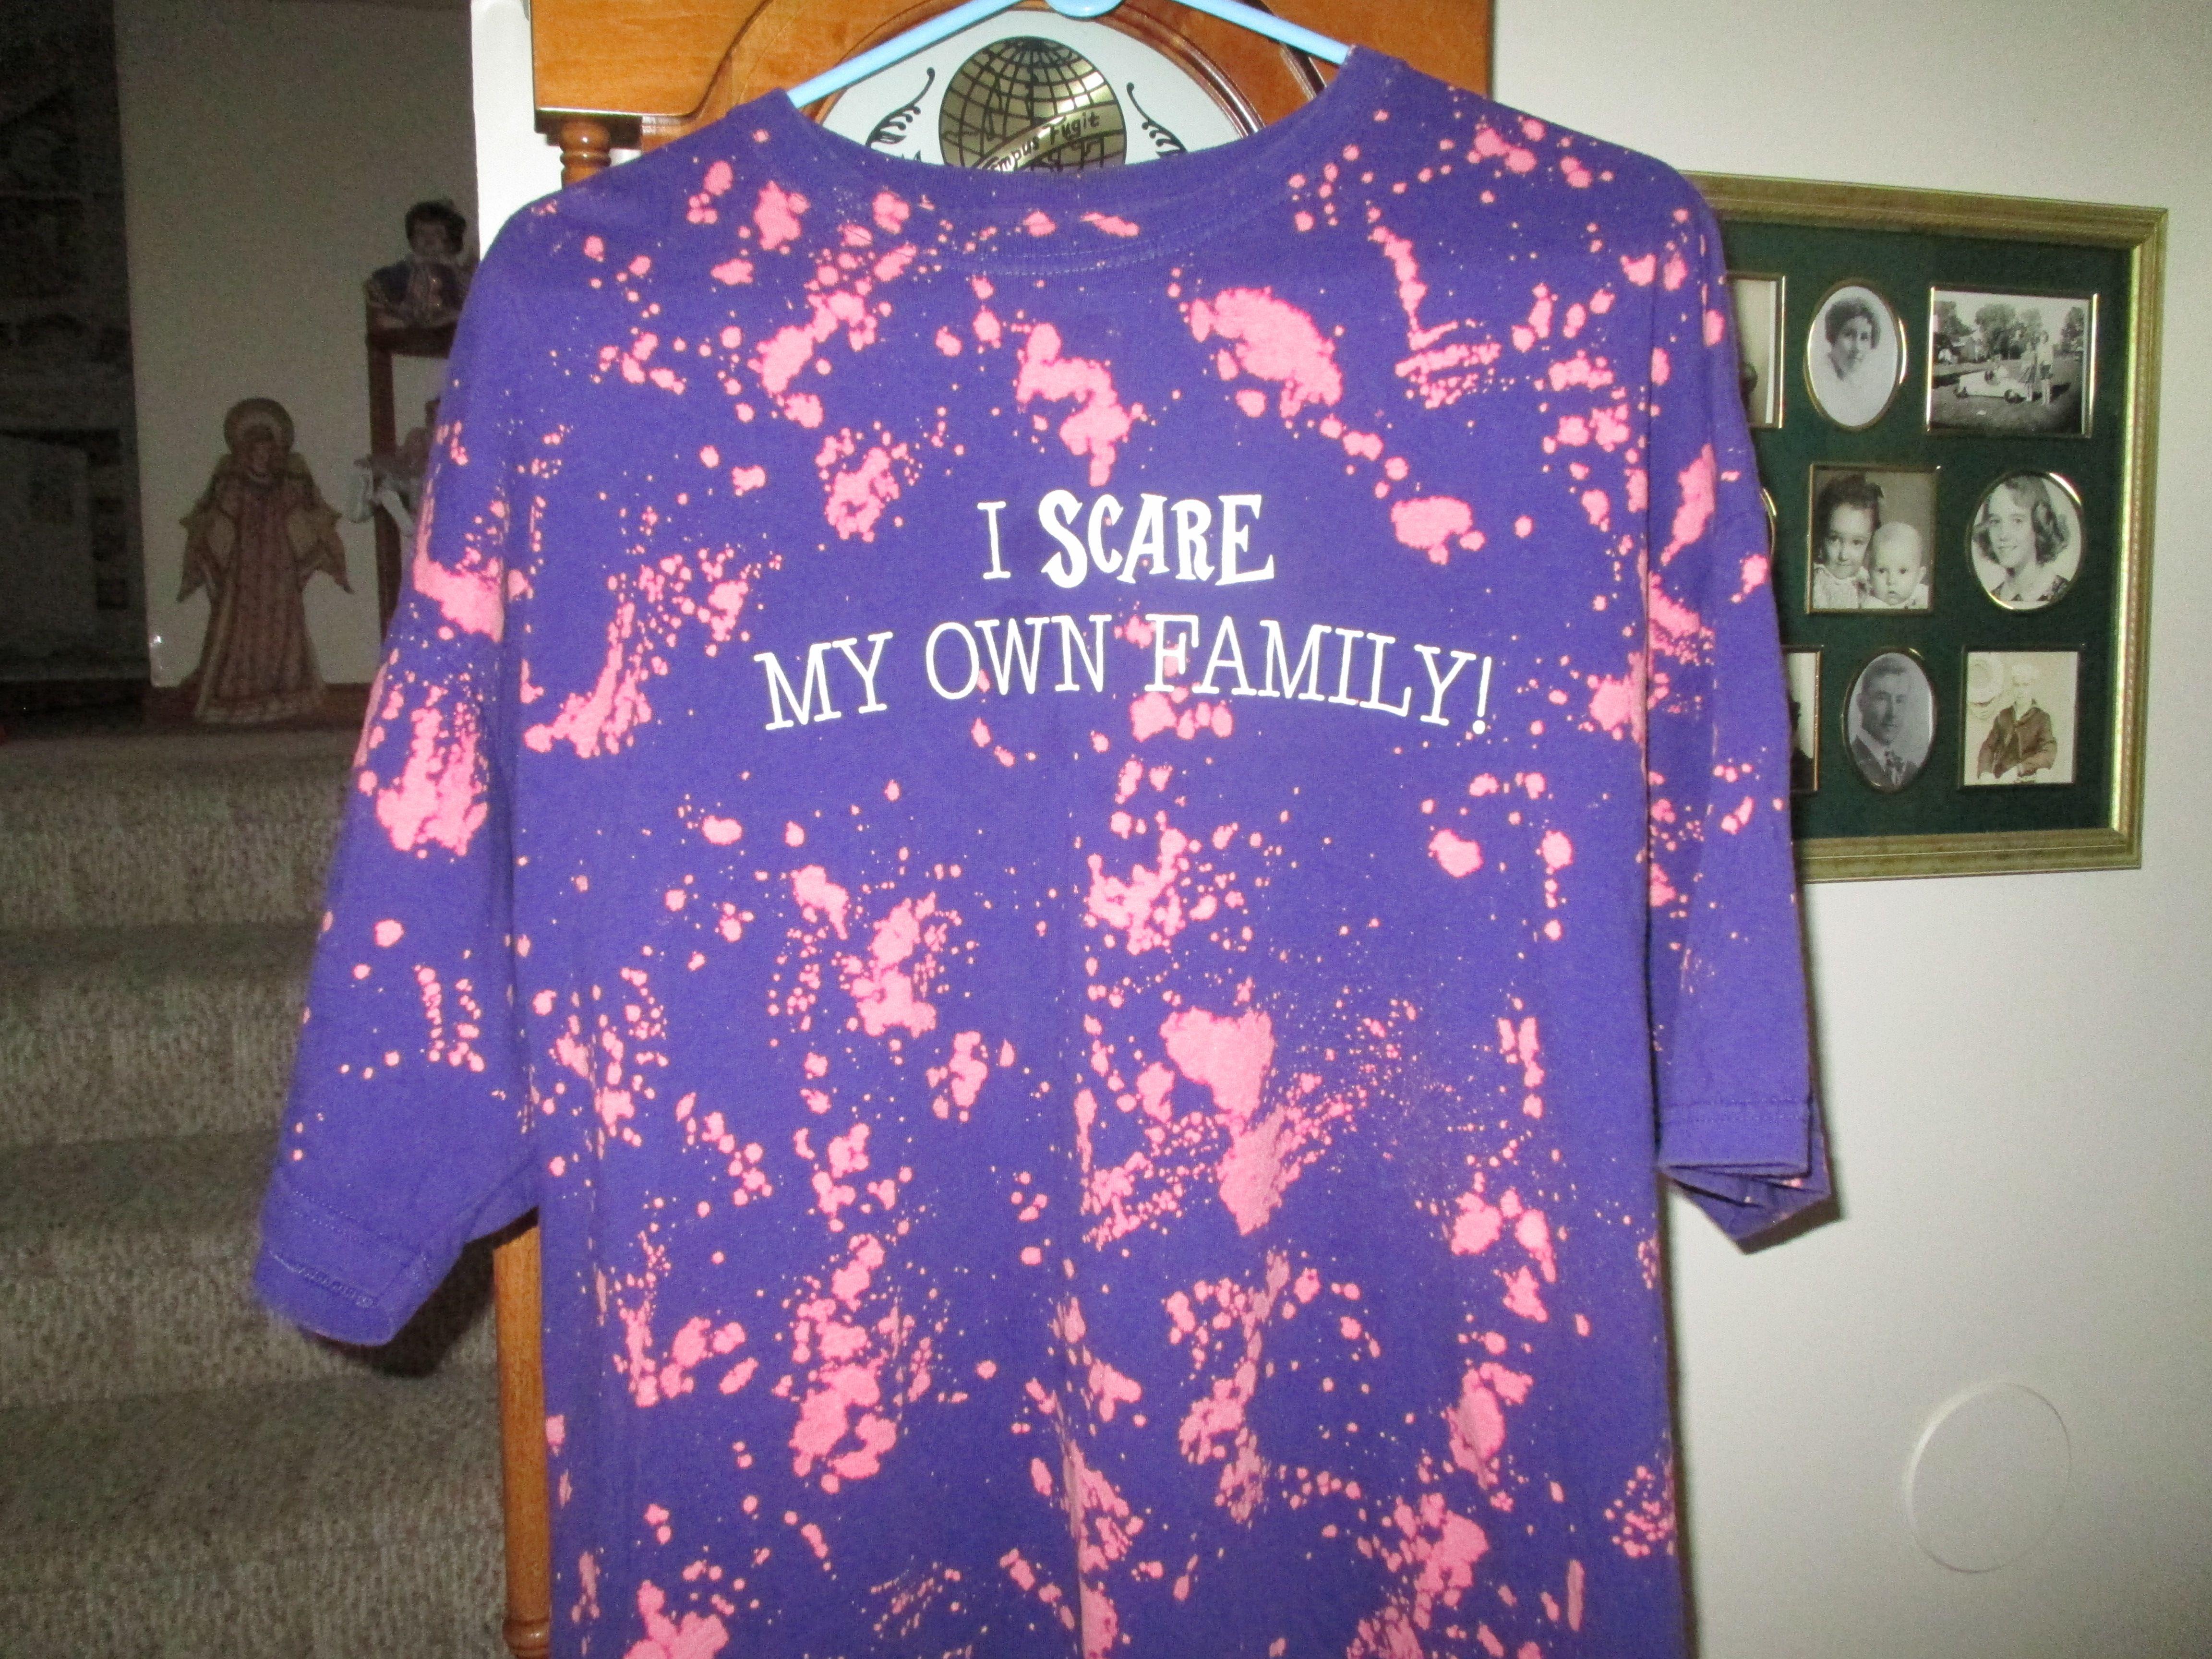 Bleach splashed tee shirt from Goodwill.